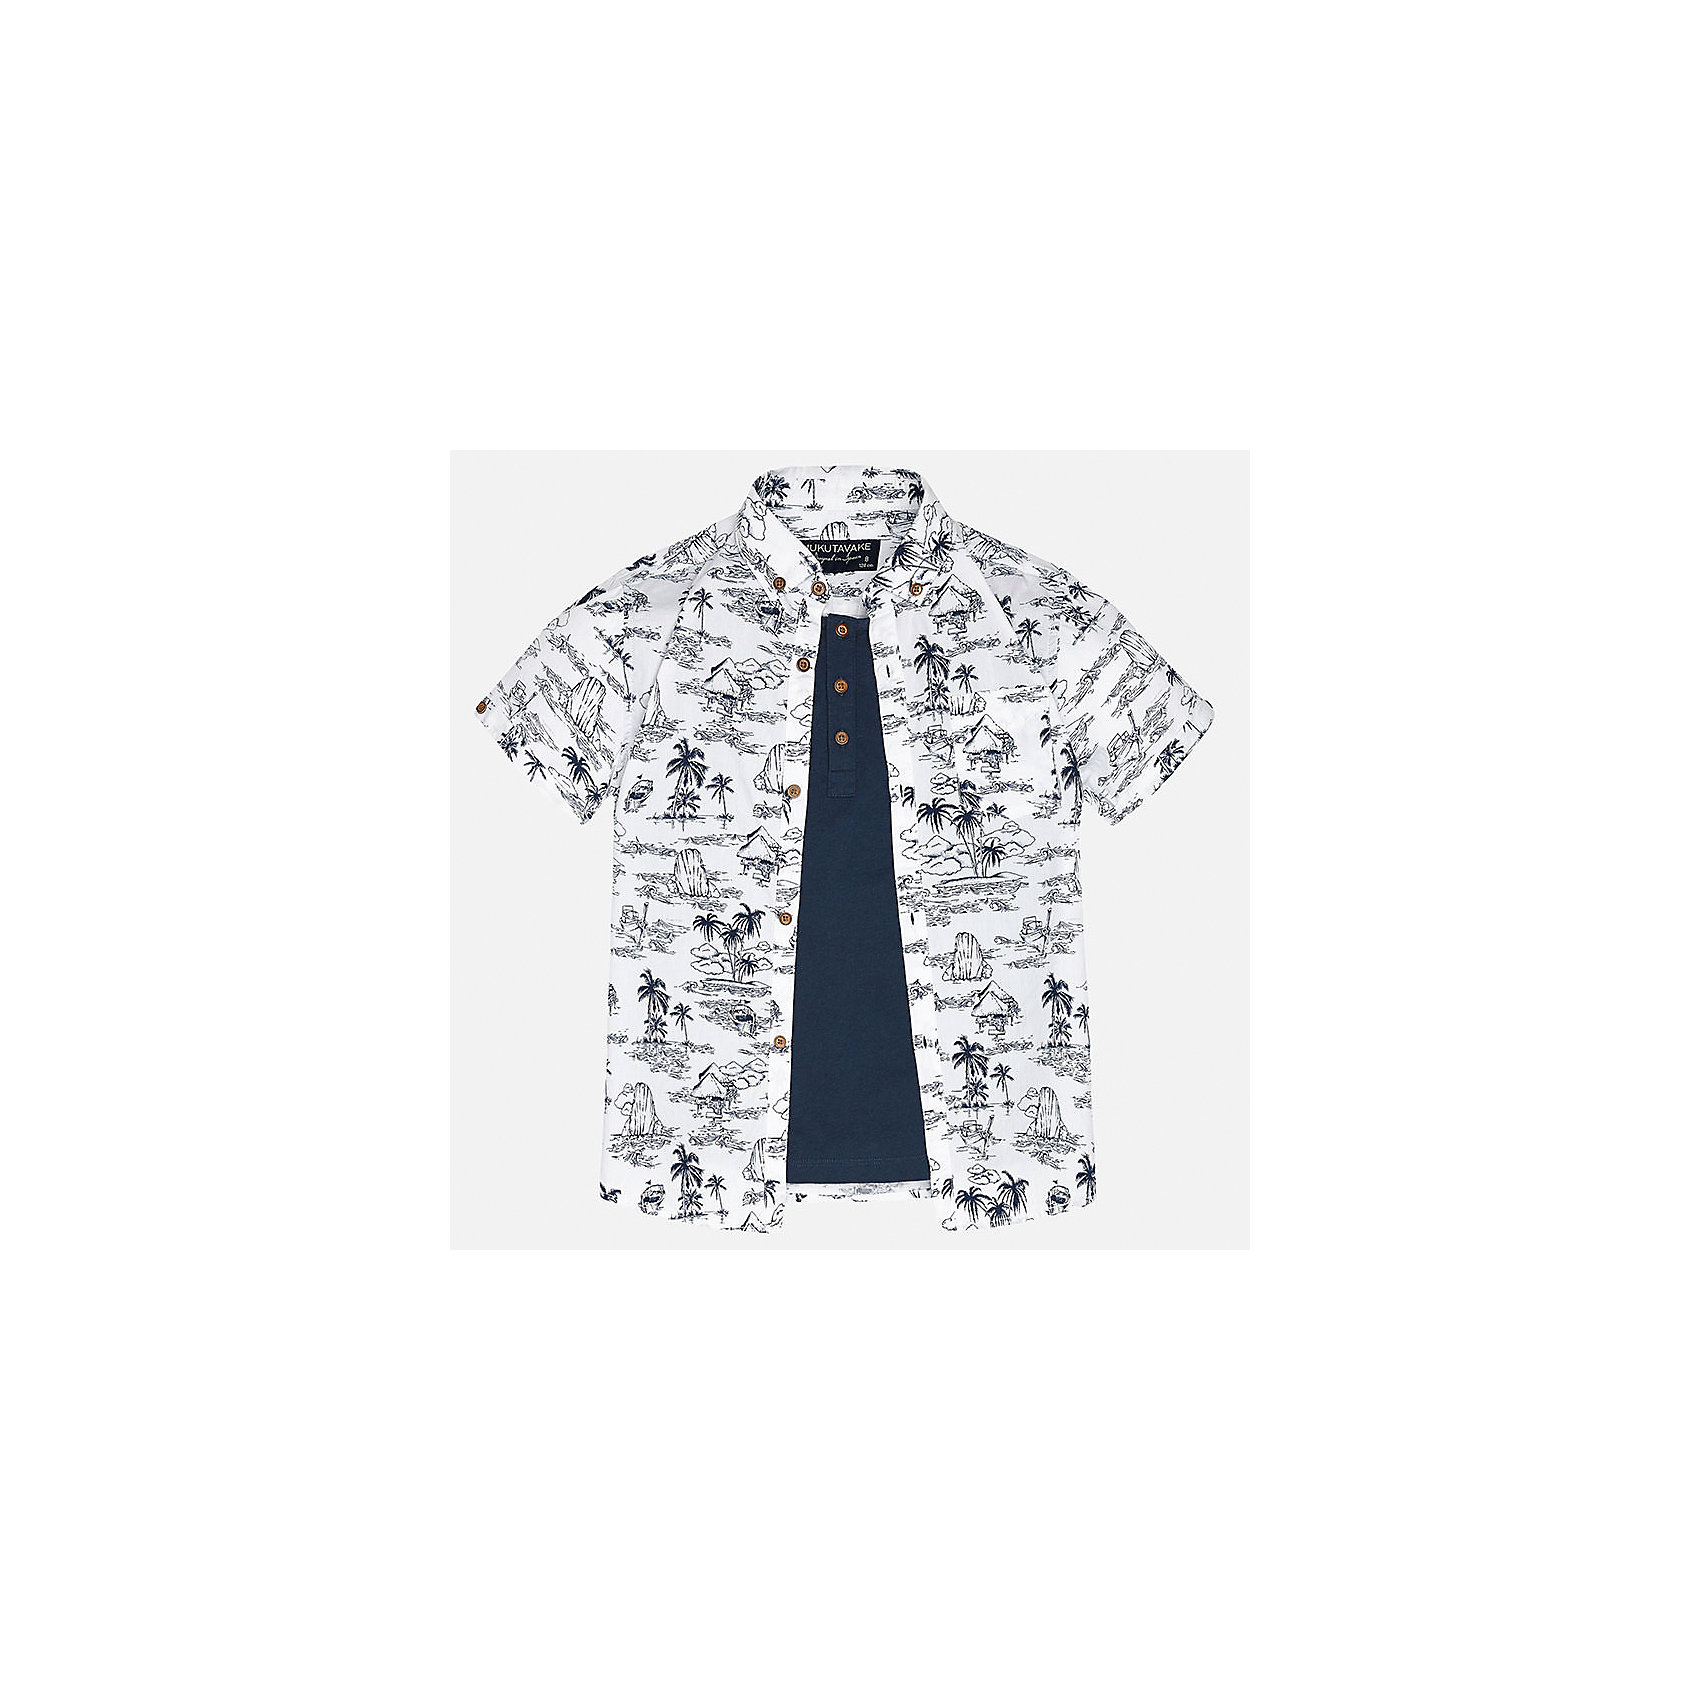 Рубашка для мальчика MayoralБлузки и рубашки<br>Характеристики товара:<br><br>• цвет: белый принт/синий<br>• состав: 100% хлопок<br>• отложной воротник<br>• декорирована карманом на груди<br>• короткие рукава<br>• застежки: пуговицы<br>• страна бренда: Испания<br><br>Модная рубашка поможет разнообразить гардероб мальчика. Она отлично сочетается с брюками, шортами, джинсами. Универсальный крой и цвет позволяет подобрать к вещи низ разных расцветок. Практичное и стильное изделие! Хорошо смотрится и комфортно сидит на детях. В составе материала - только натуральный хлопок, гипоаллергенный, приятный на ощупь, дышащий. <br><br>Одежда, обувь и аксессуары от испанского бренда Mayoral полюбились детям и взрослым по всему миру. Модели этой марки - стильные и удобные. Для их производства используются только безопасные, качественные материалы и фурнитура. Порадуйте ребенка модными и красивыми вещами от Mayoral! <br><br>Рубашку для мальчика от испанского бренда Mayoral (Майорал) можно купить в нашем интернет-магазине.<br><br>Ширина мм: 174<br>Глубина мм: 10<br>Высота мм: 169<br>Вес г: 157<br>Цвет: белый<br>Возраст от месяцев: 144<br>Возраст до месяцев: 156<br>Пол: Мужской<br>Возраст: Детский<br>Размер: 152,140,128/134,170,164,158<br>SKU: 5281624